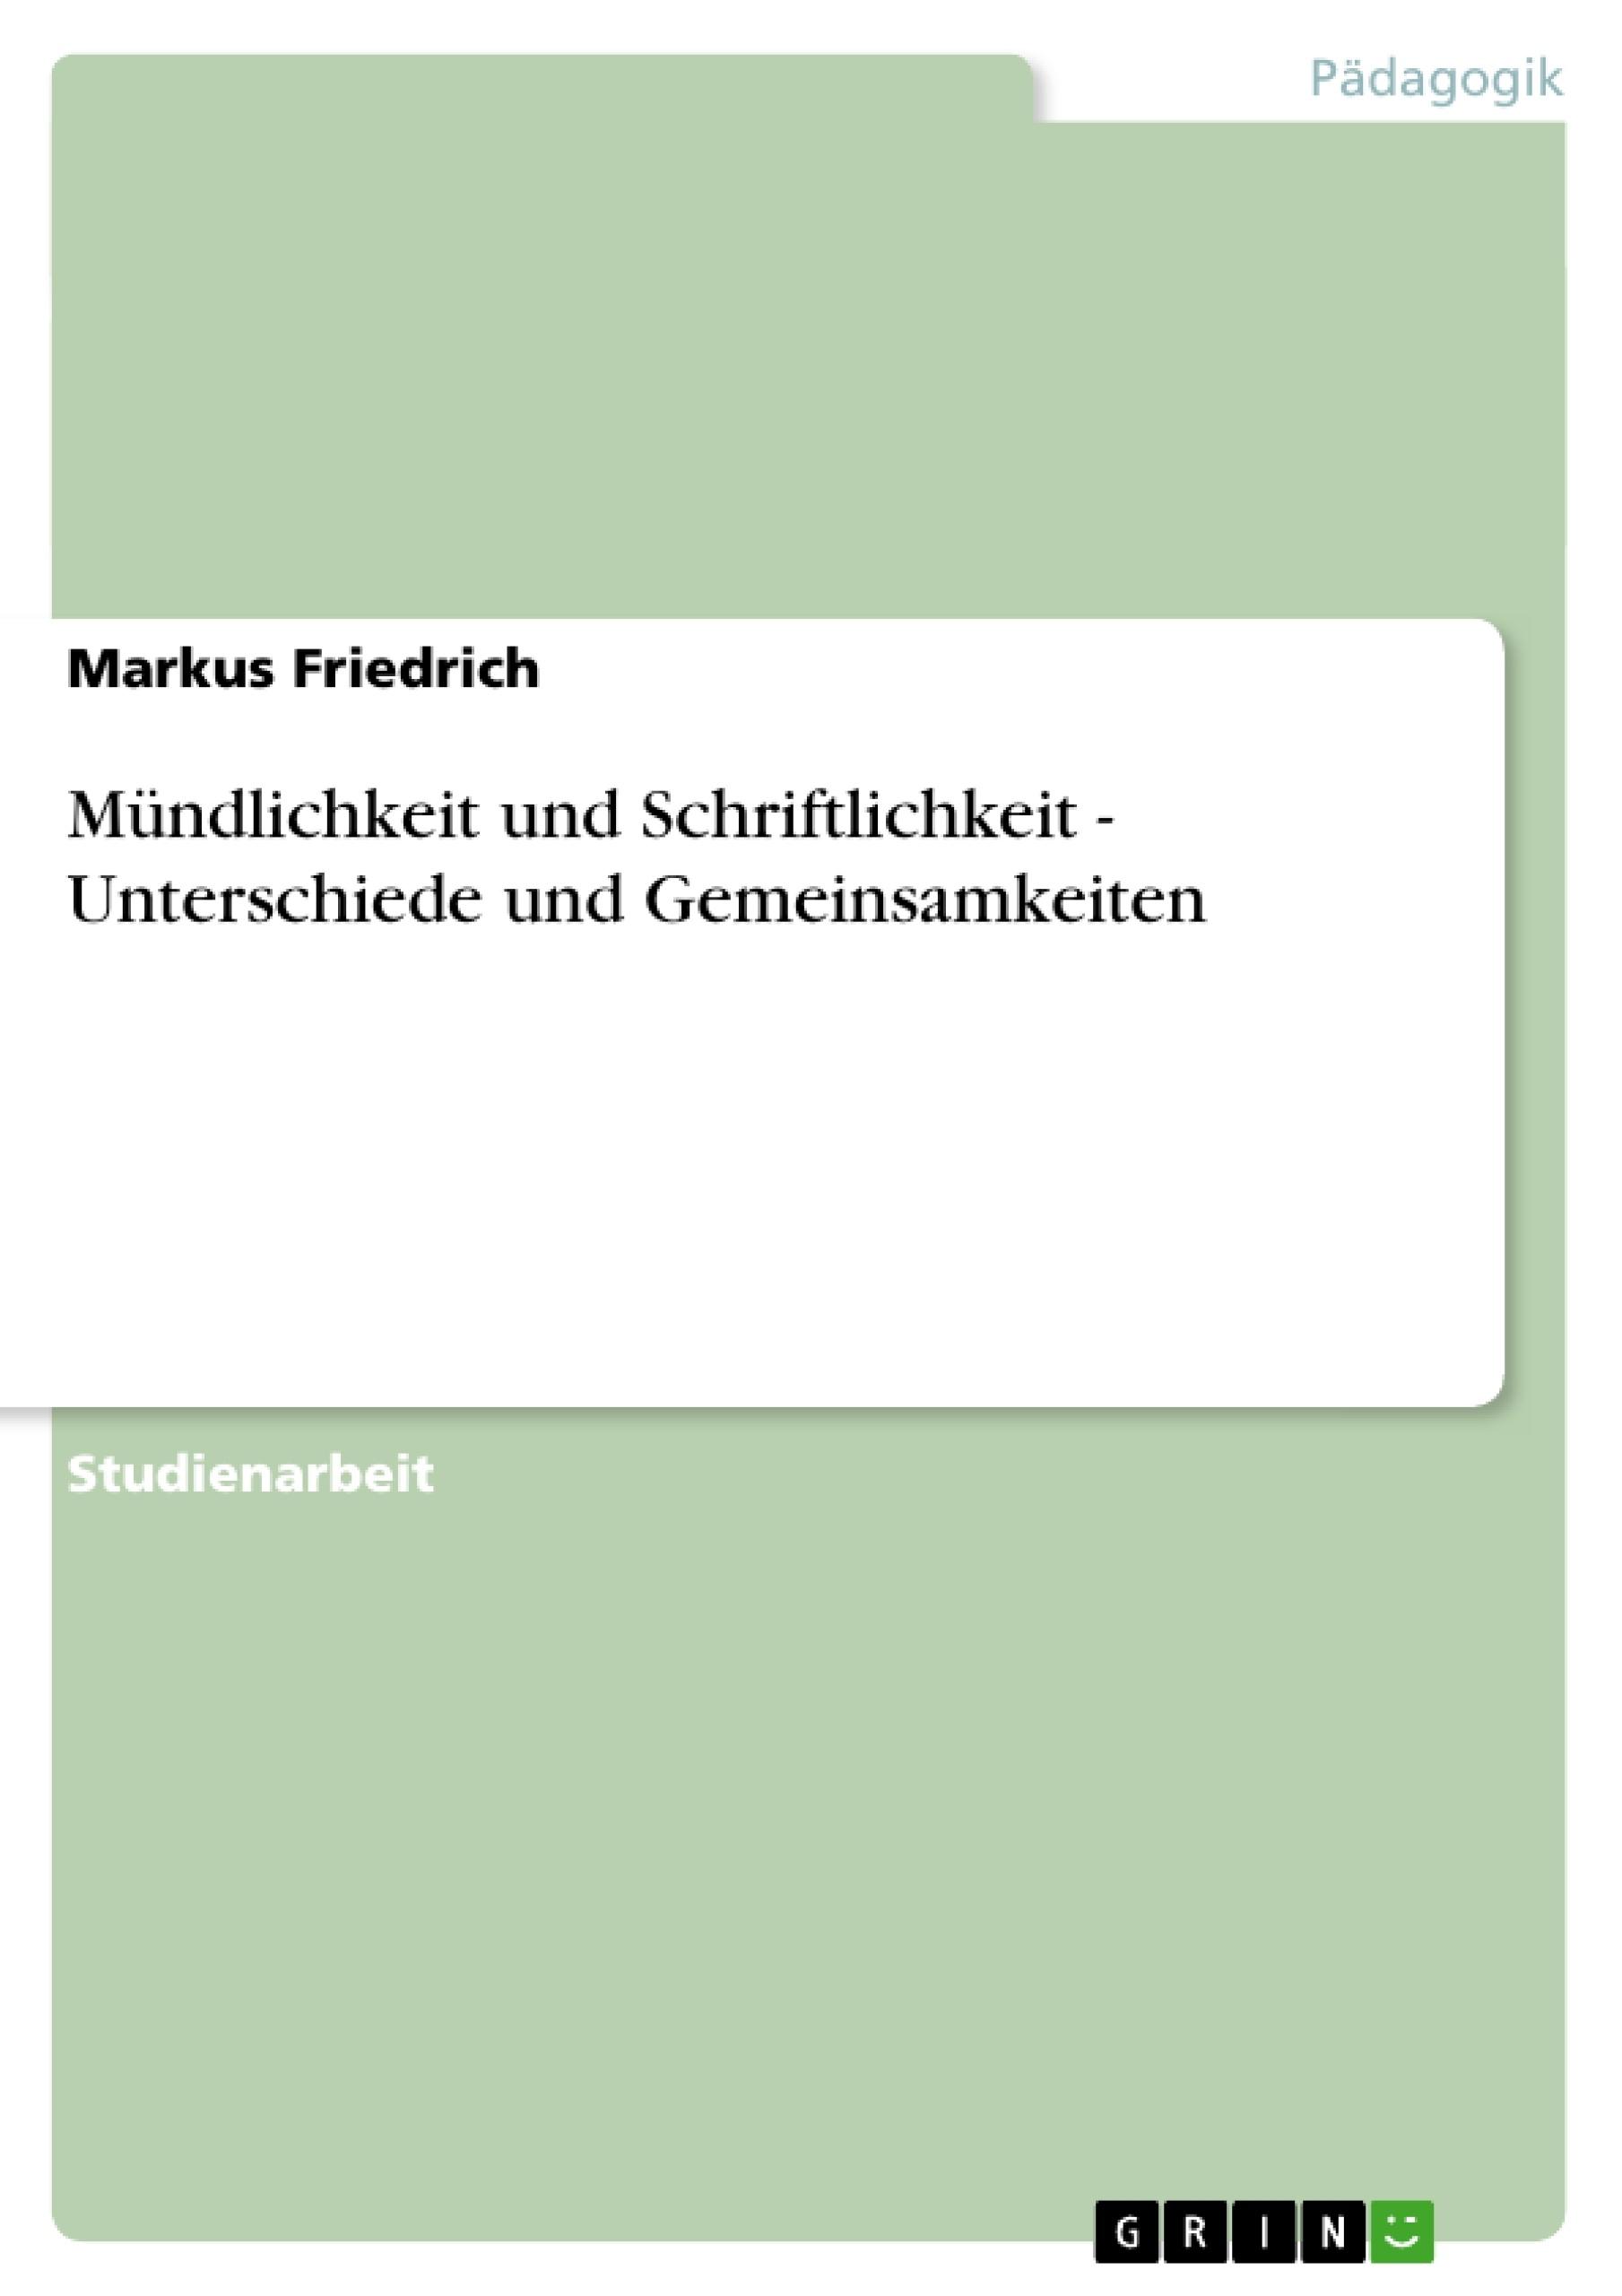 Titel: Mündlichkeit und Schriftlichkeit - Unterschiede und Gemeinsamkeiten